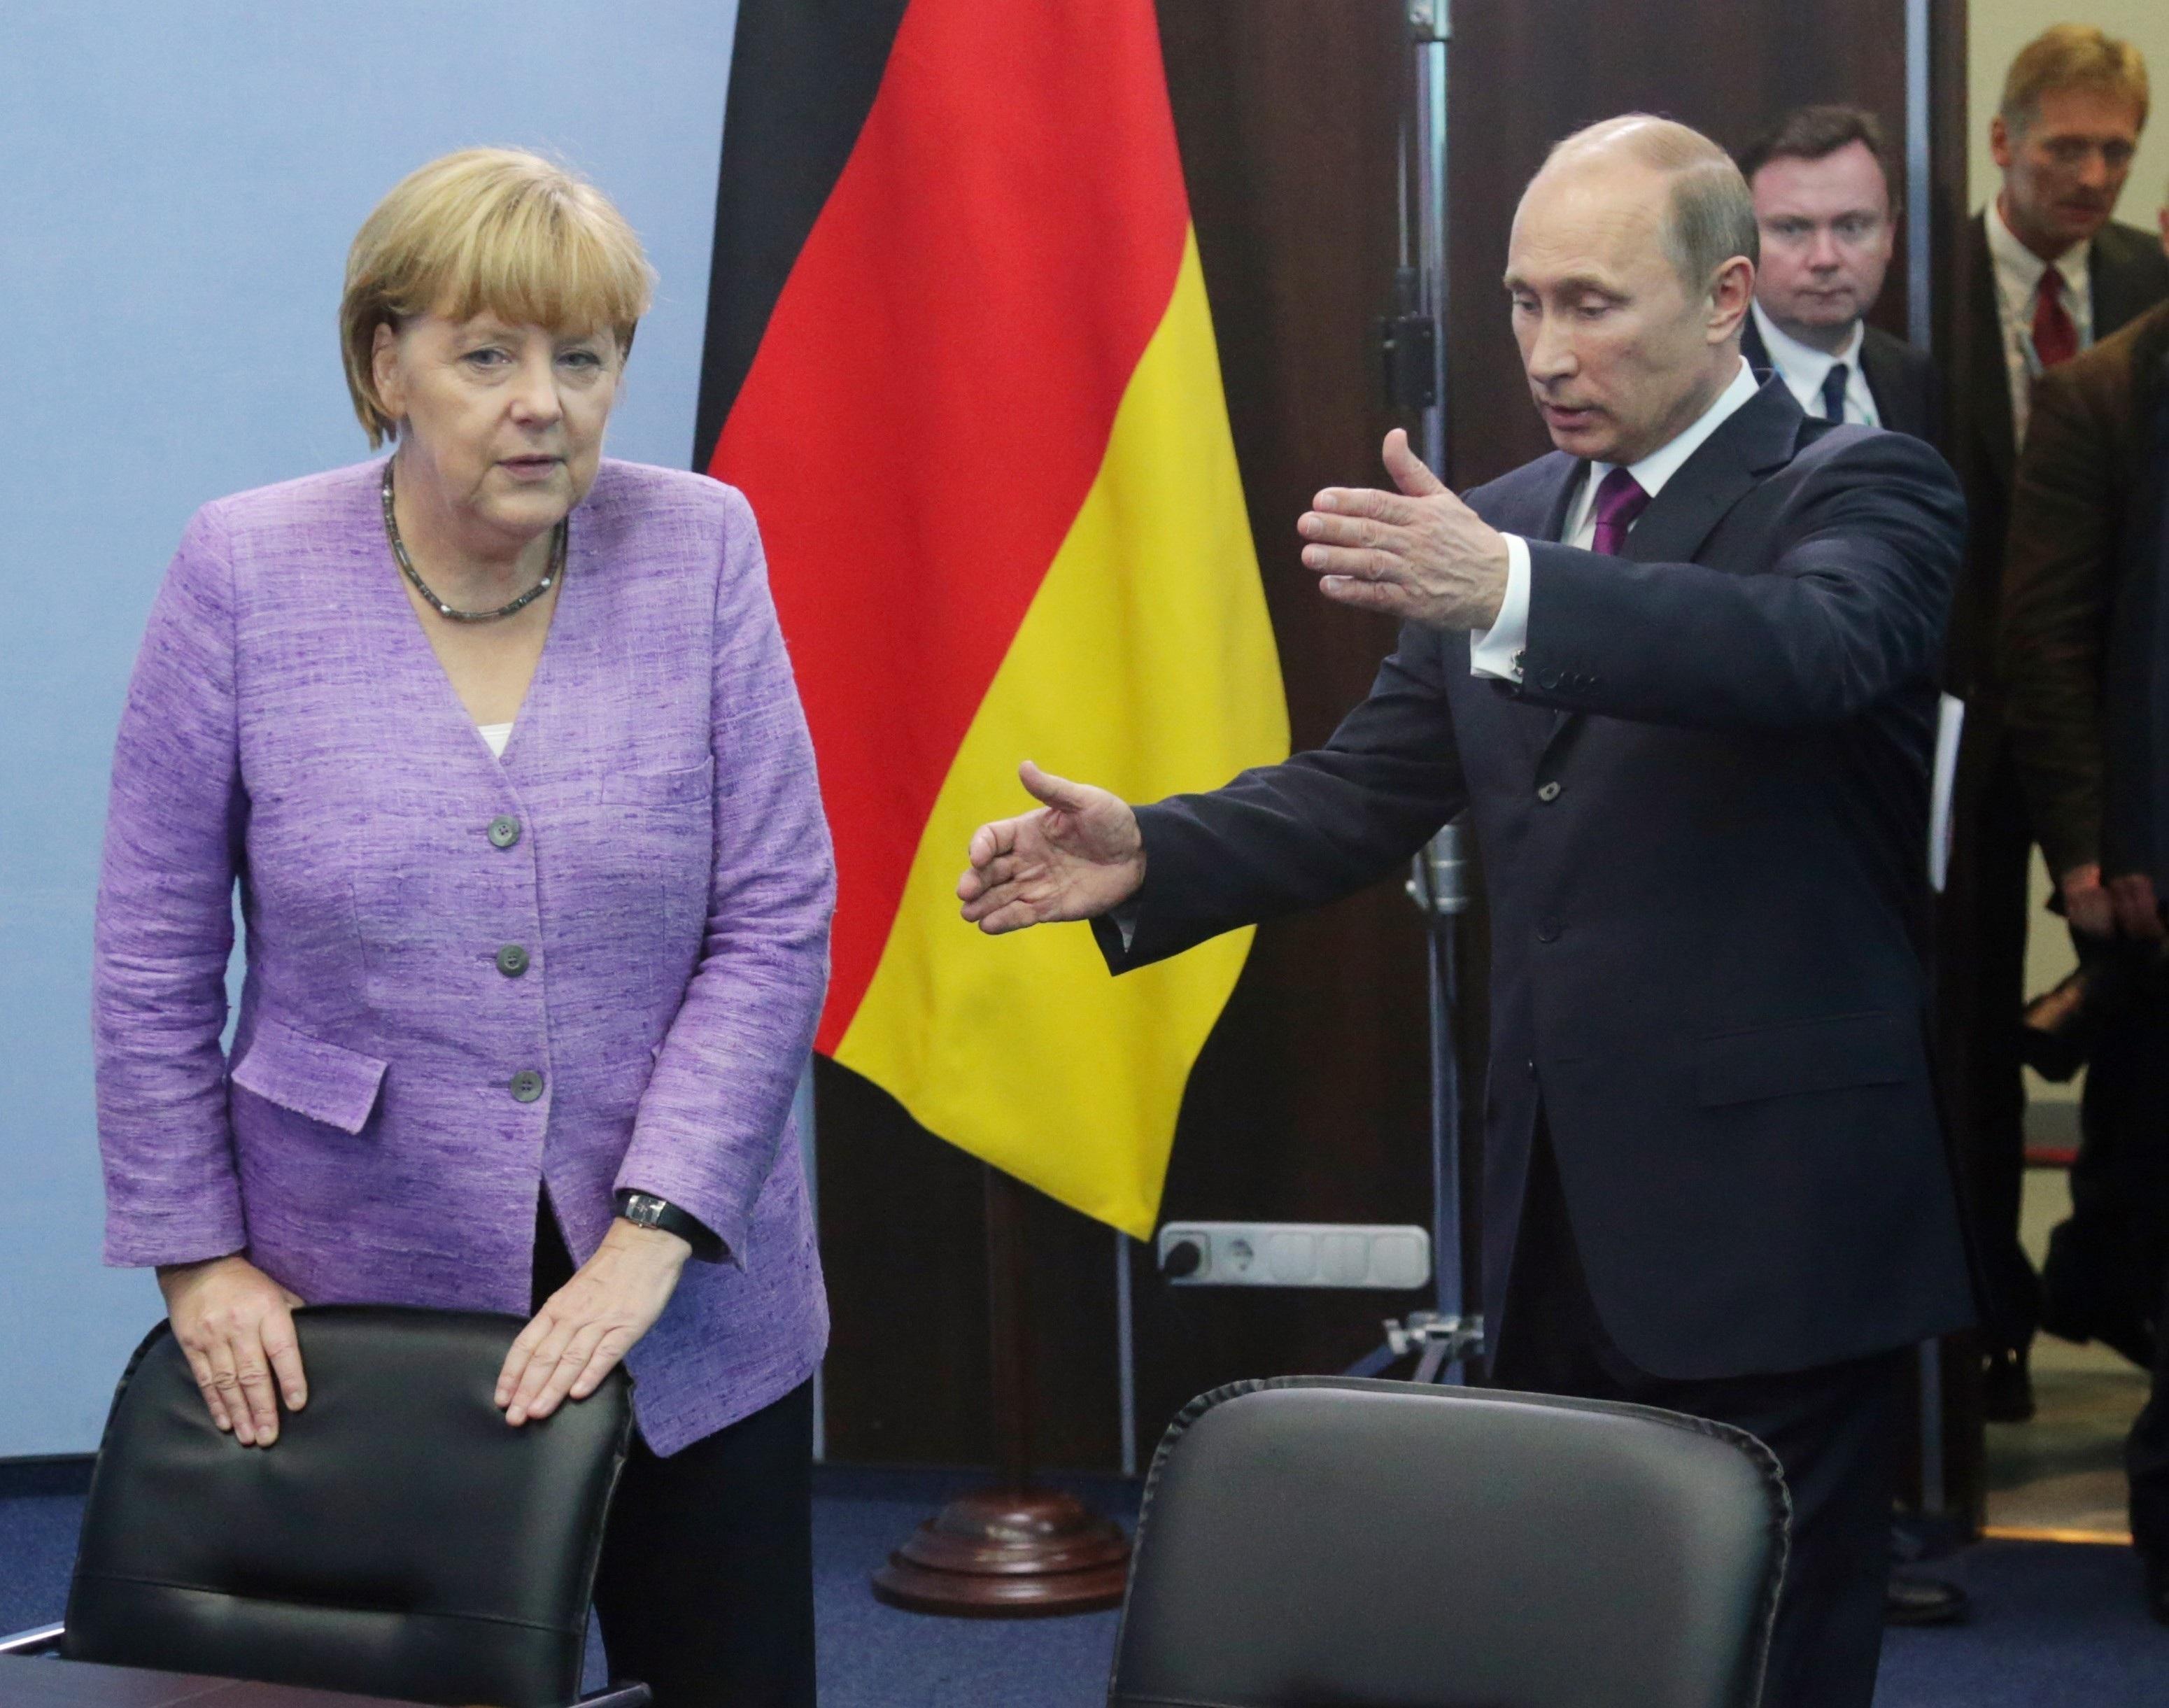 Ông có thể nói tiếng Đức khá trôi chảy.